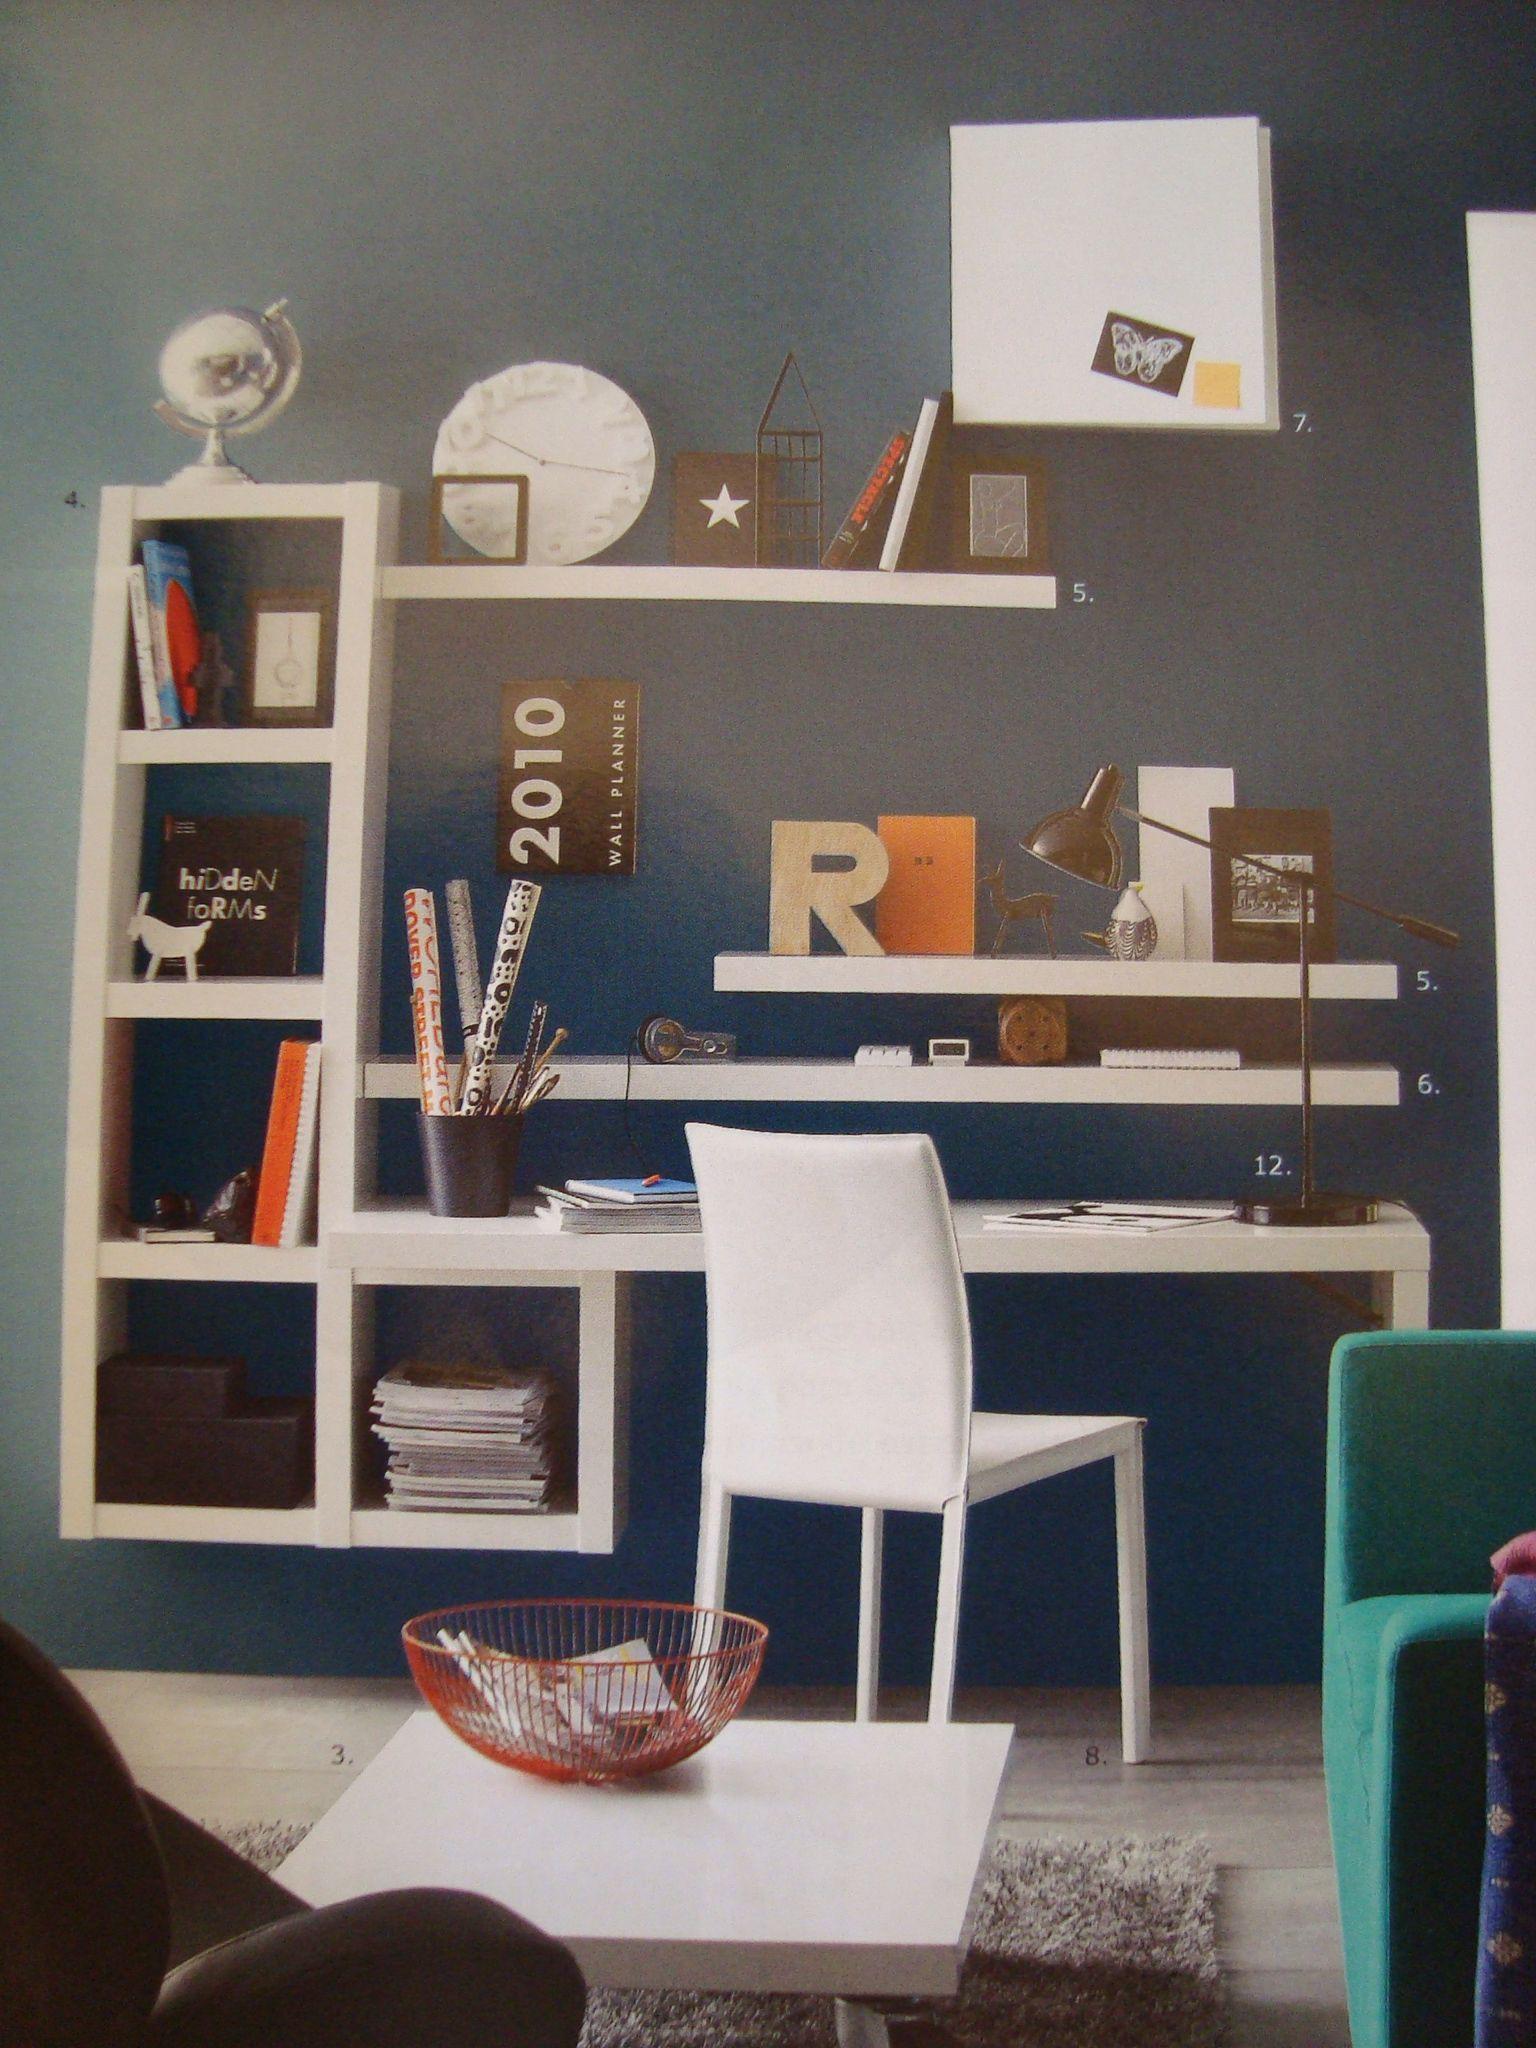 Hogar del mueble ingenio perfect cajonera cajones m en mdf precio por cajon armadas with hogar - Hogar del mueble ...